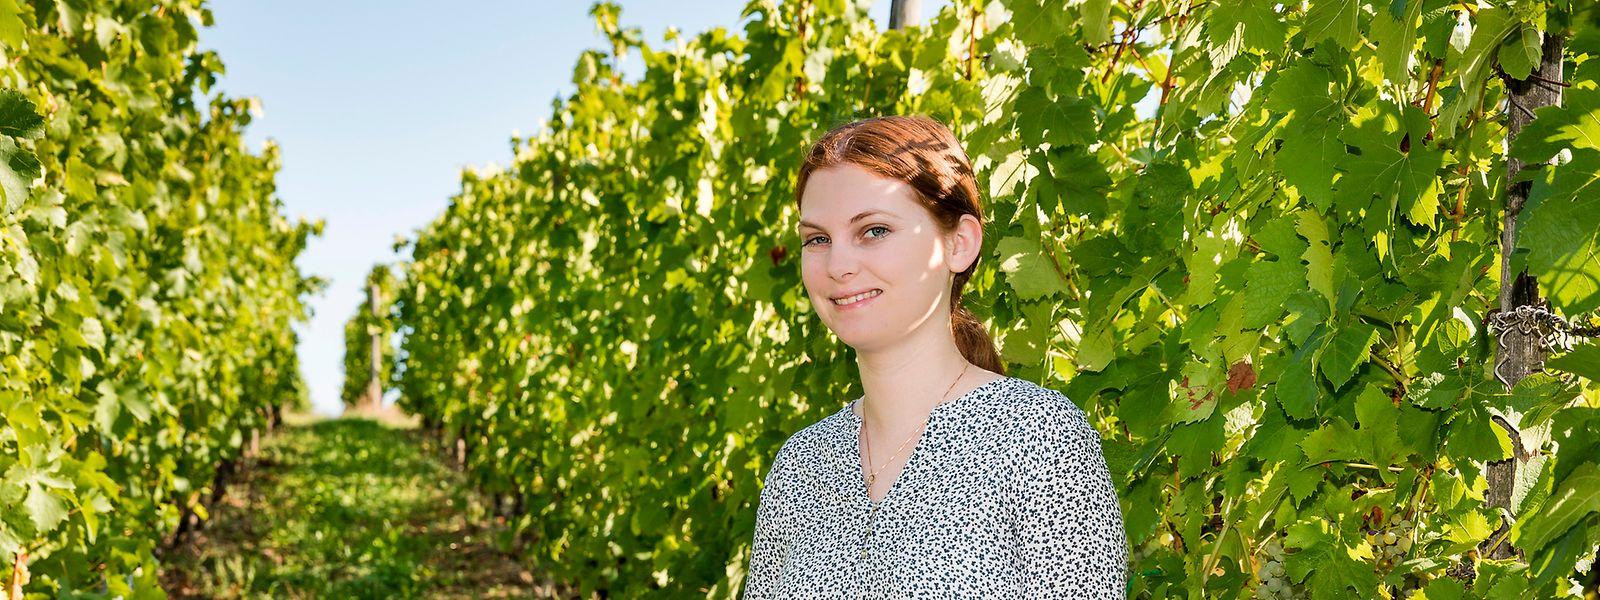 Fabienne Demuth ist der zweite Spross der Familie im Amt der Rieslingkönigin. 2015 trug ihre Schwester Laura die Krone.